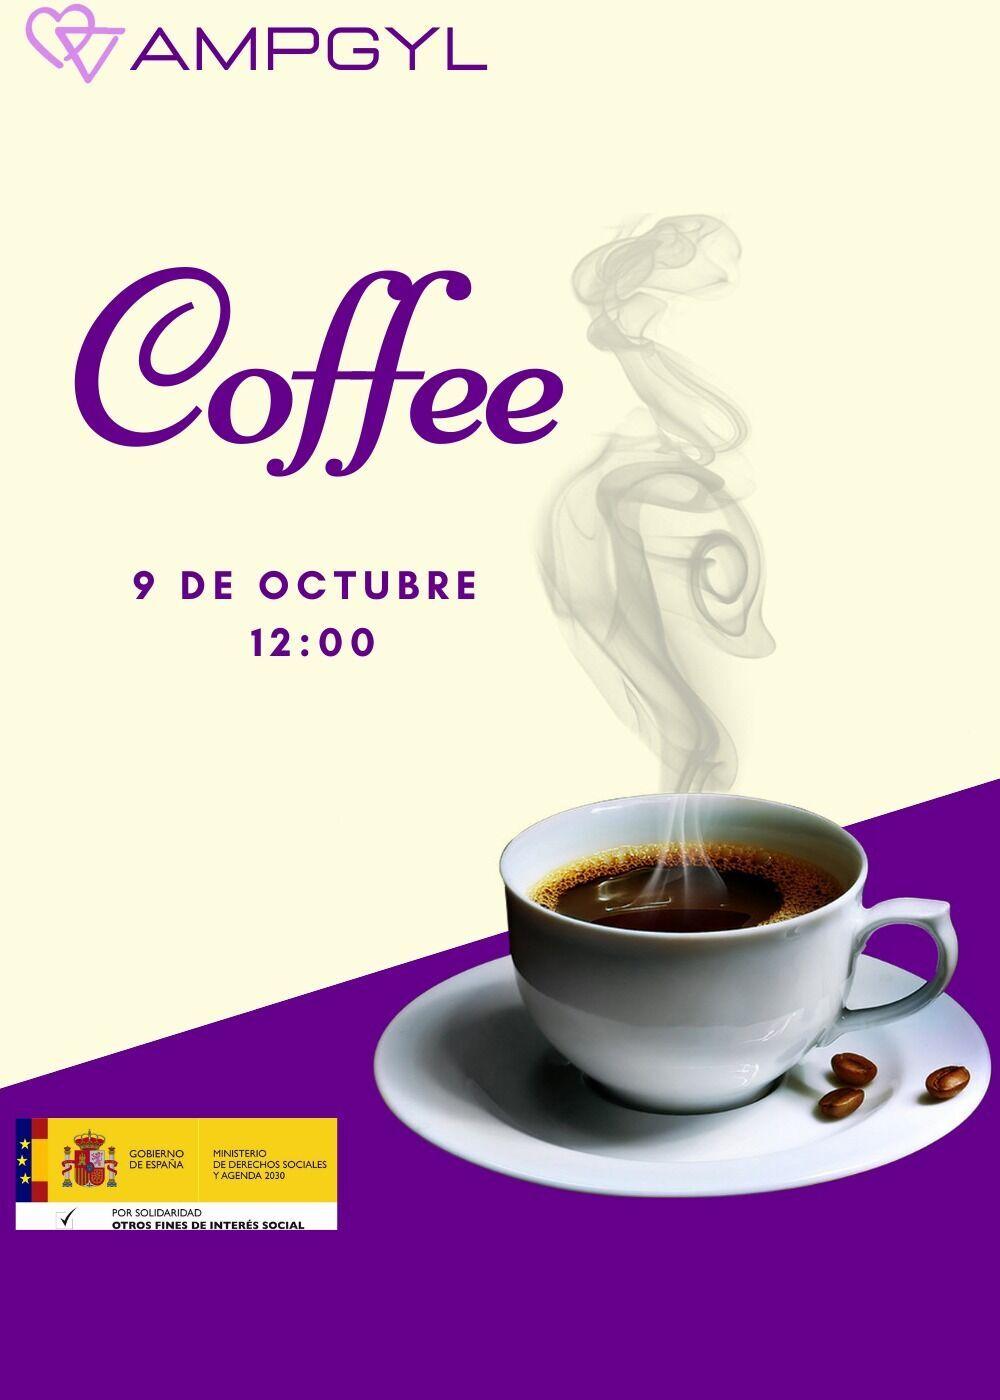 """Encuentro de socialización para madres y padres """"Coffee de AMPGYL"""""""